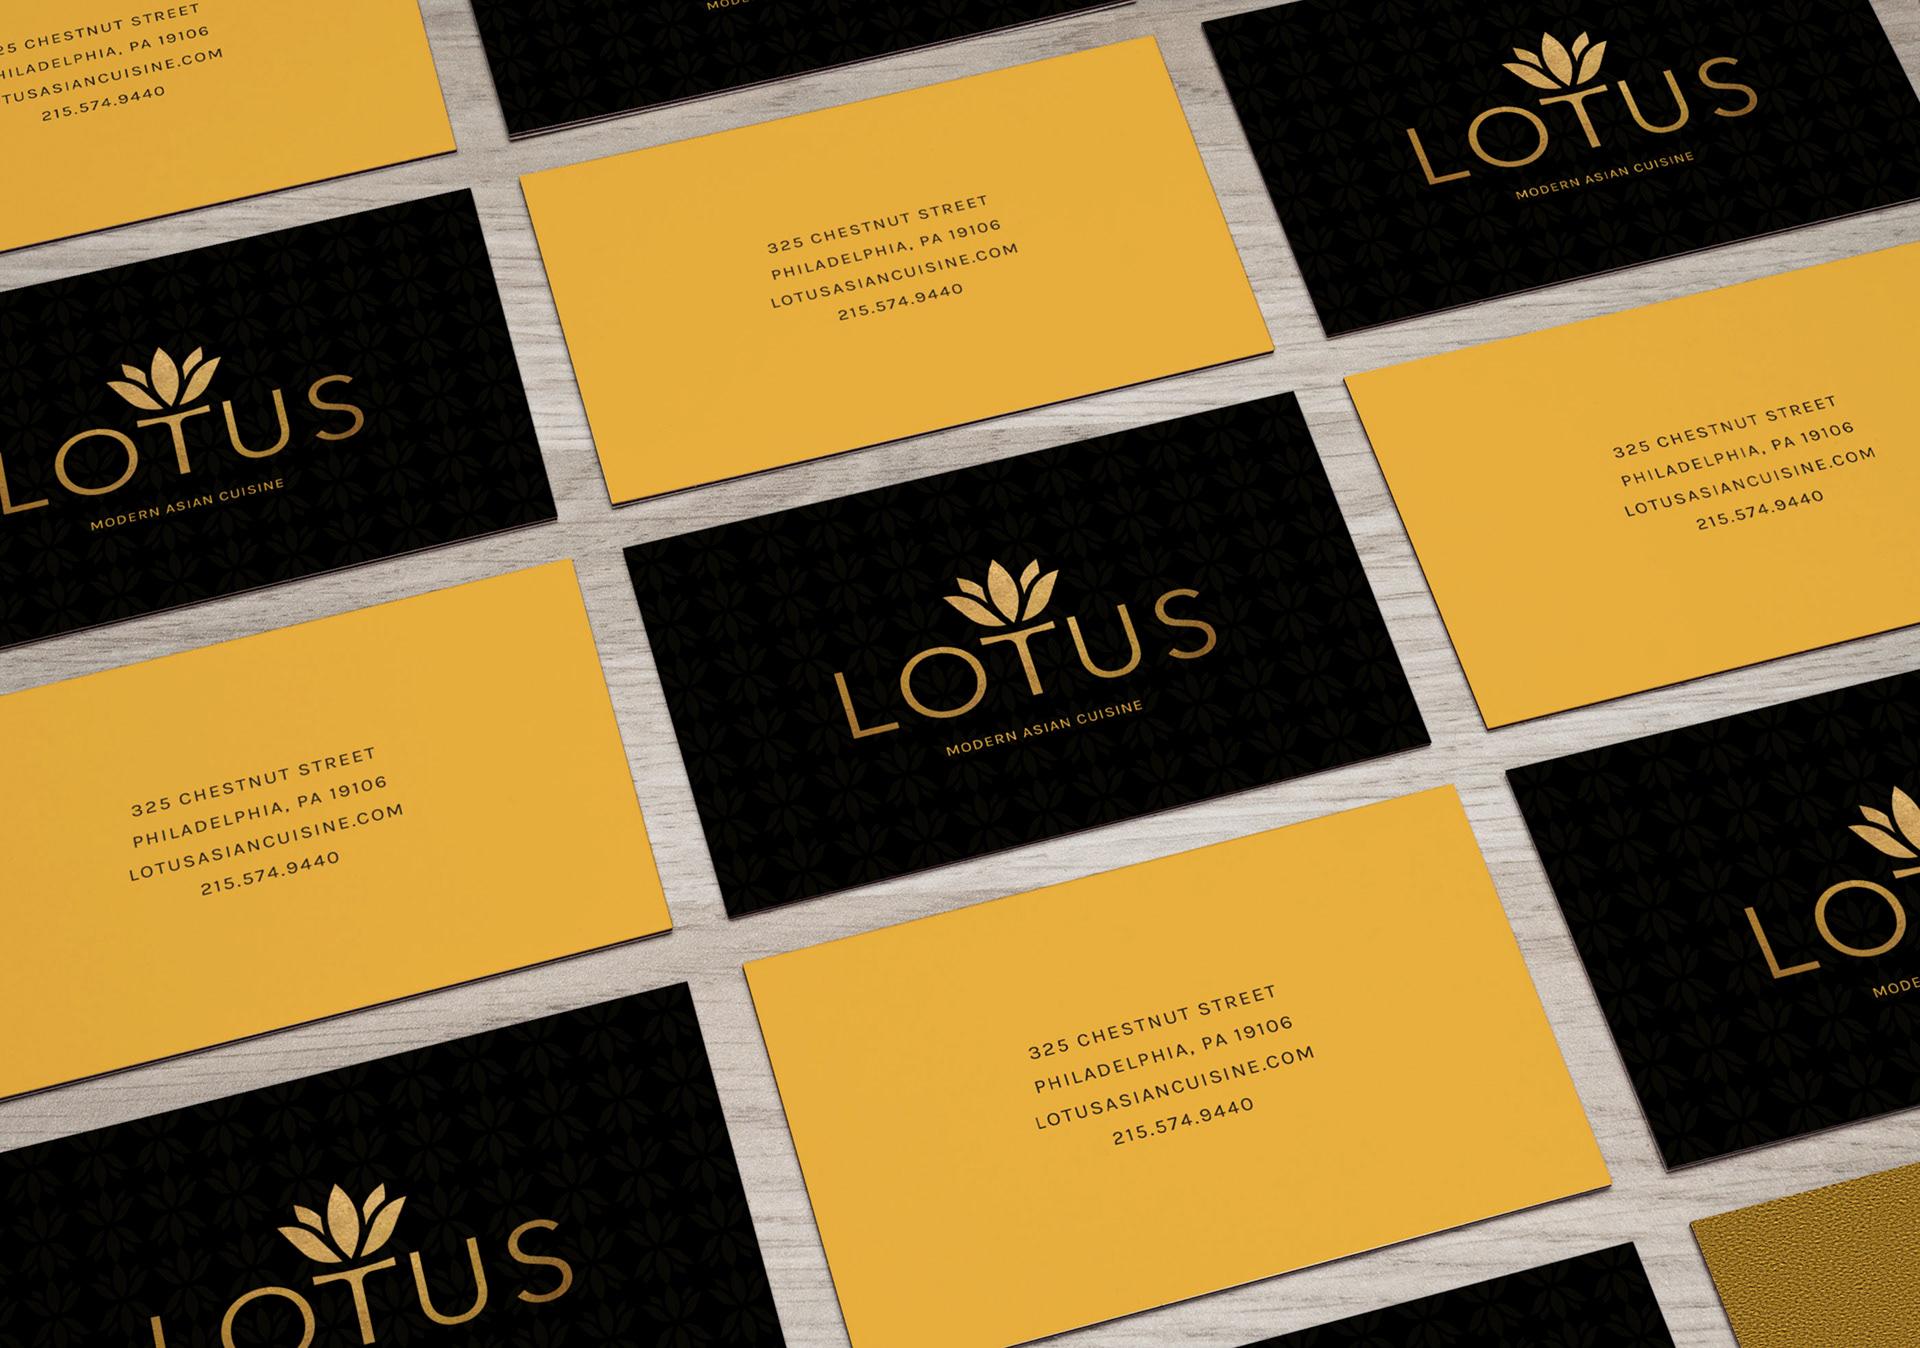 Nancy Nguyen Graphic Design - Lotus: Restaurant Branding